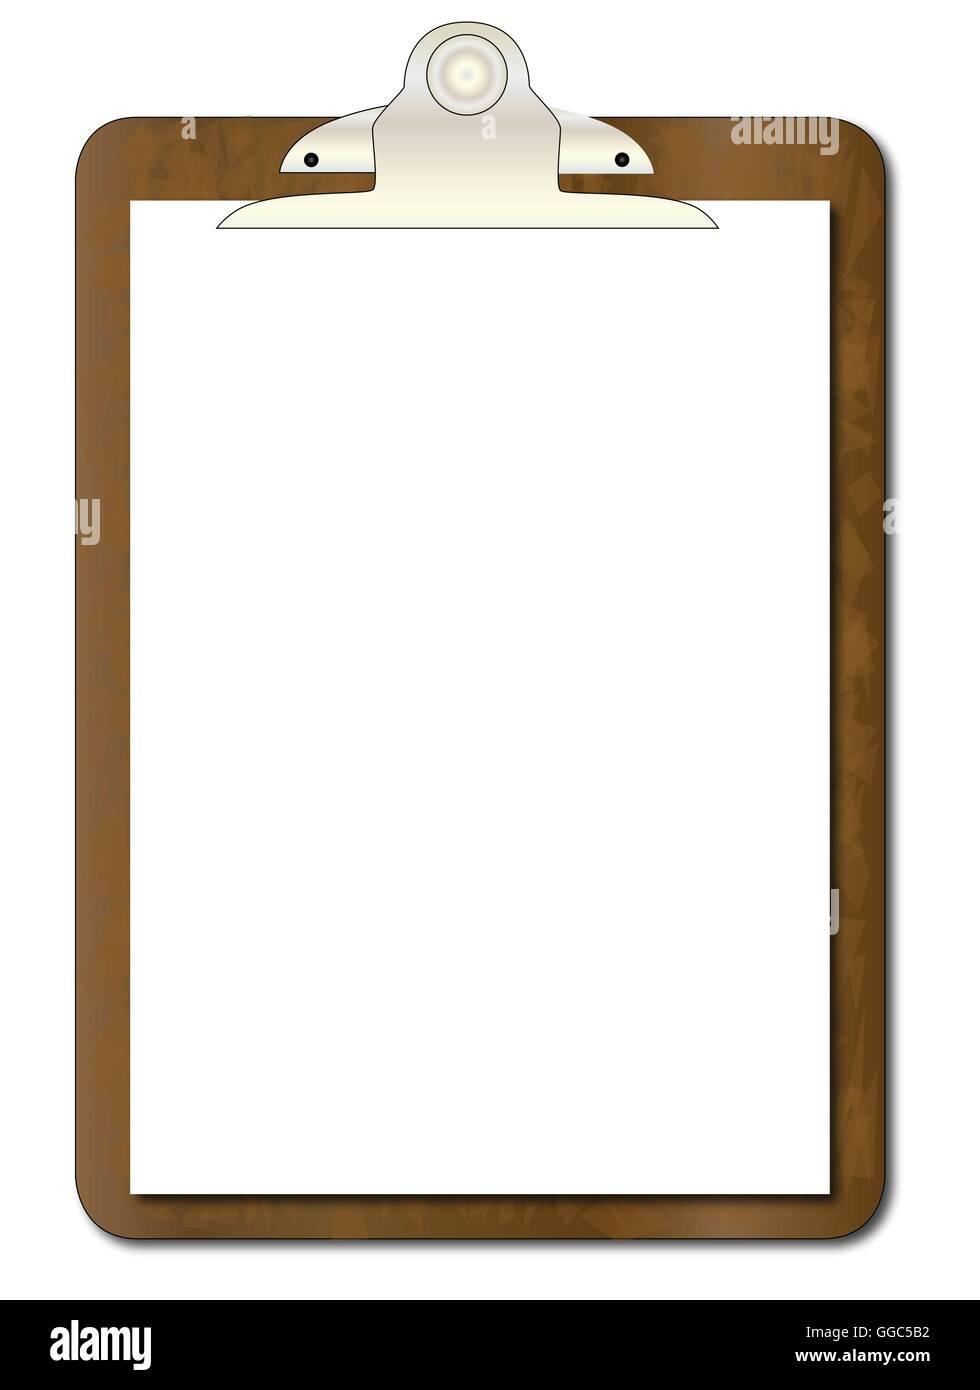 Una clipboard usurato con un foglio di carta bianca isolata su bianco. Immagini Stock